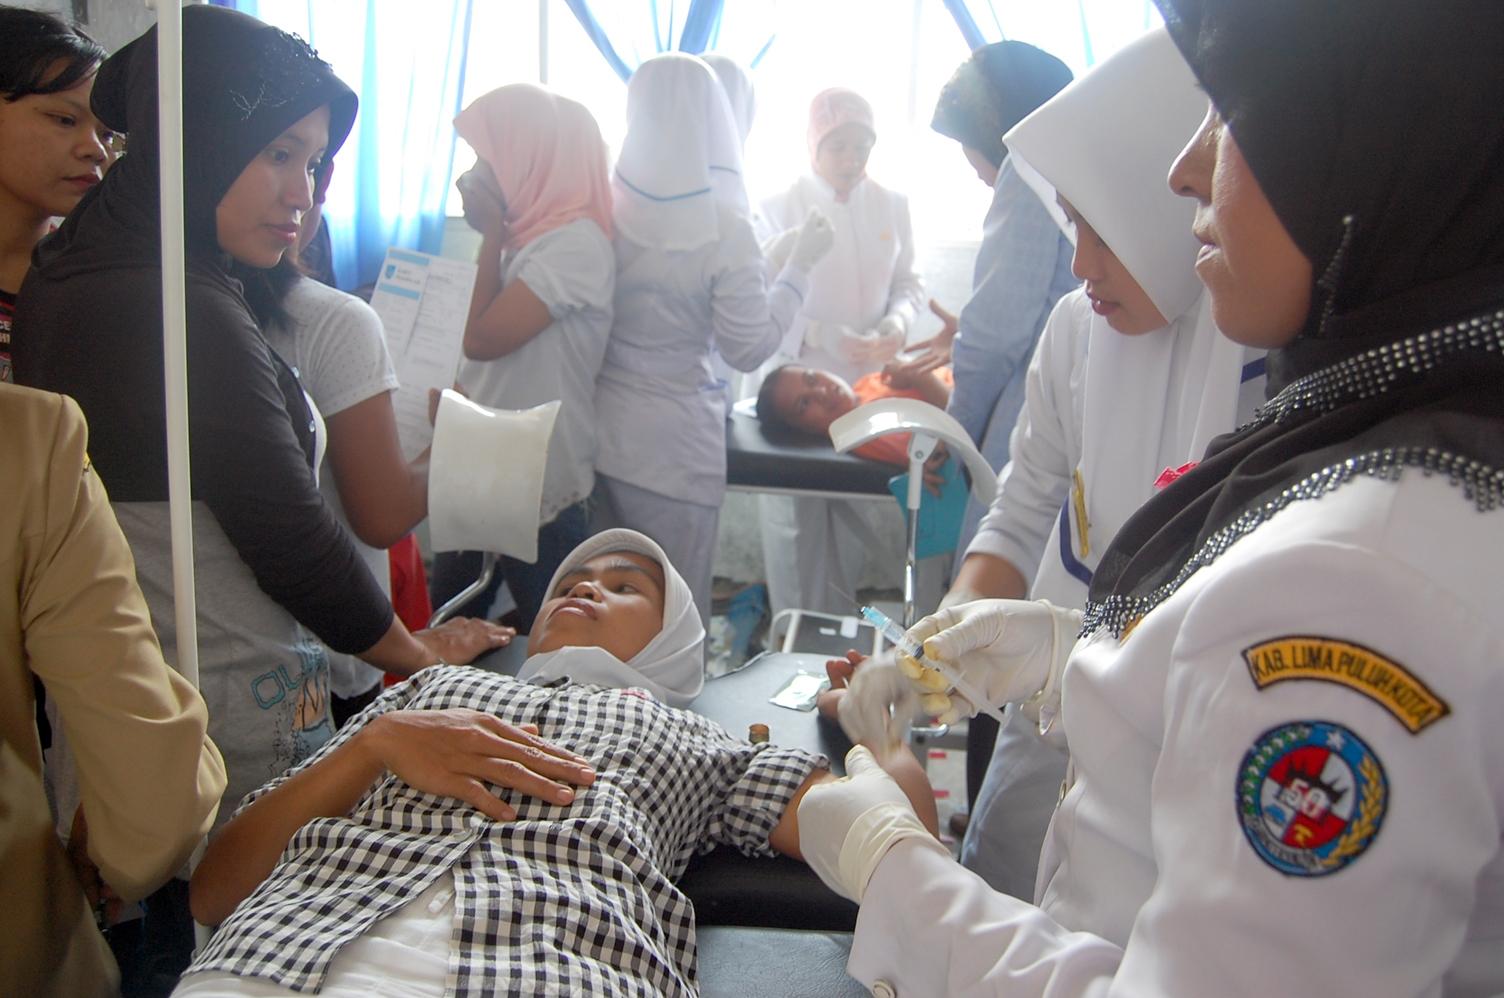 Alkon Dapat Cegah Penyakit Kanker | Informasi Kesehatan ...